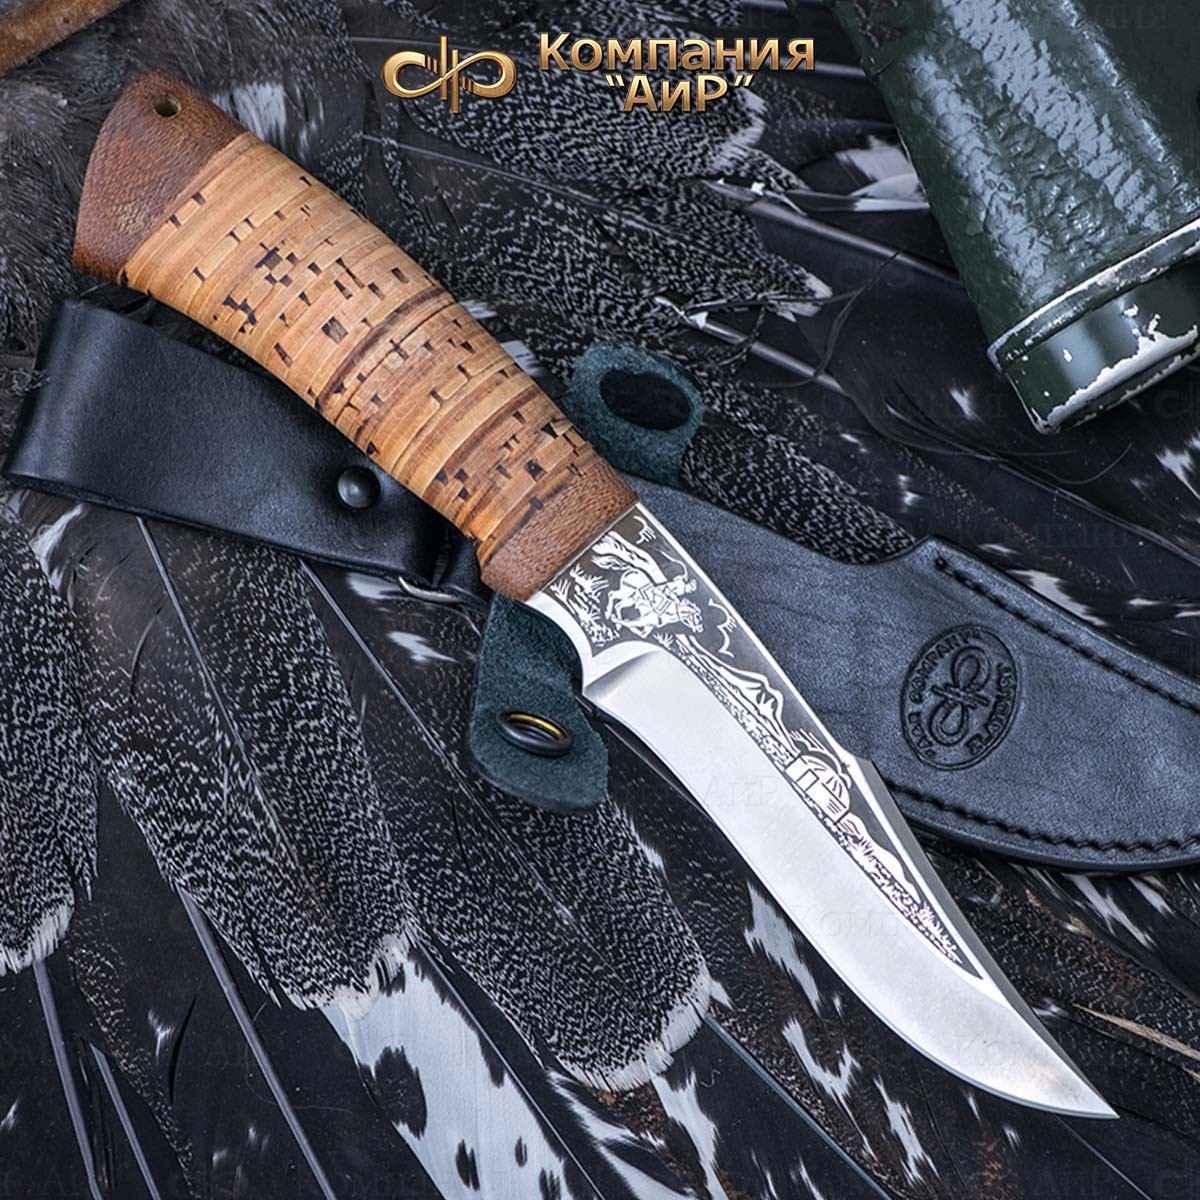 Нож АиР Хазар, сталь ЭП-766, рукоять береста нож аир хазар сталь эп 766 рукоять дерево